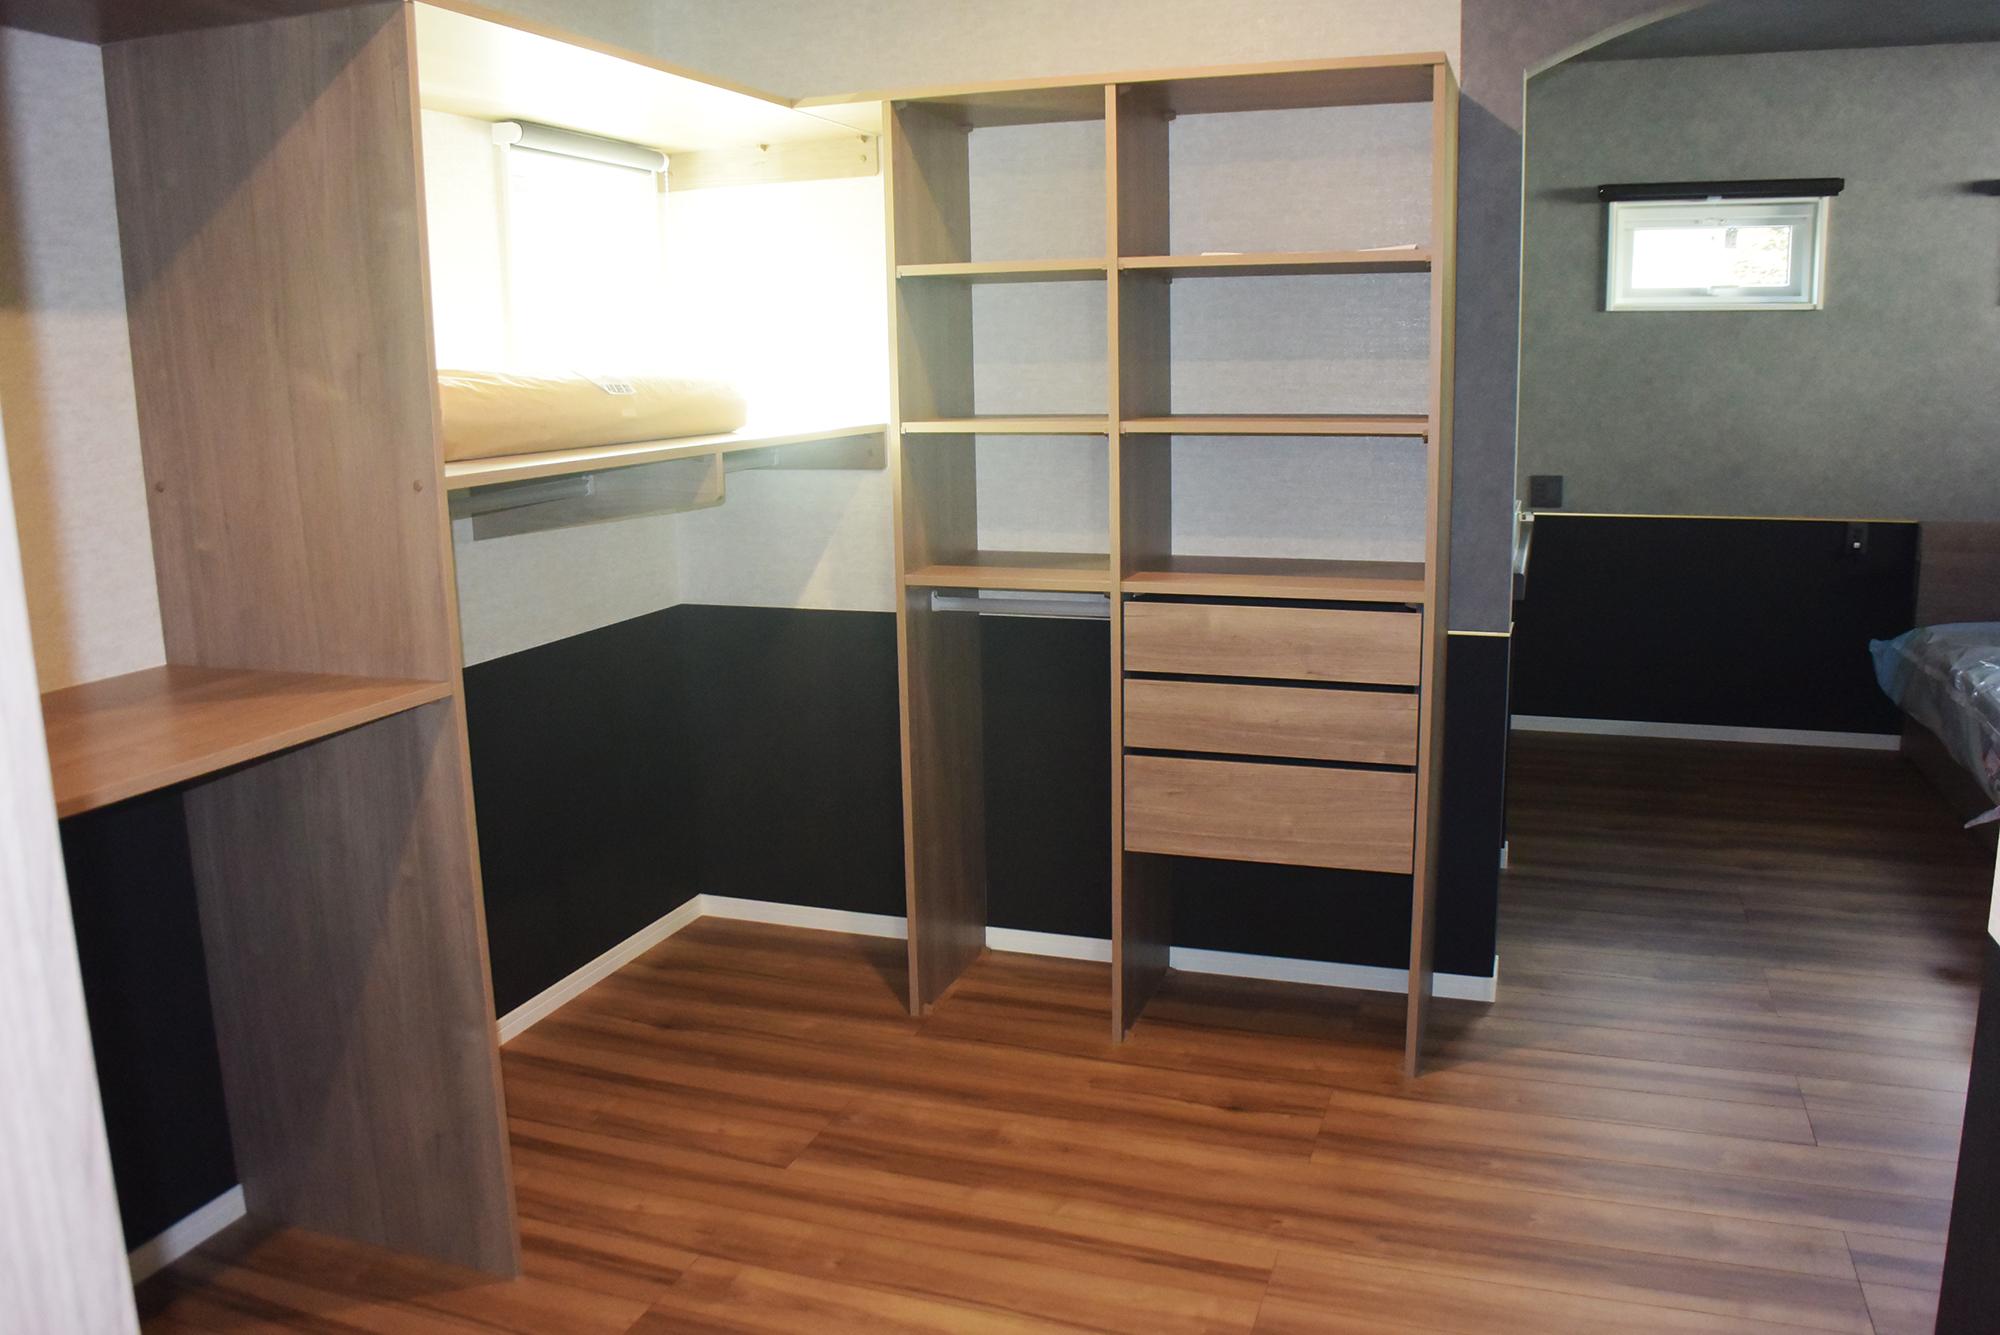 2Fとても広々ゆったりの主寝室。お洒落な手洗いも設置されていました。